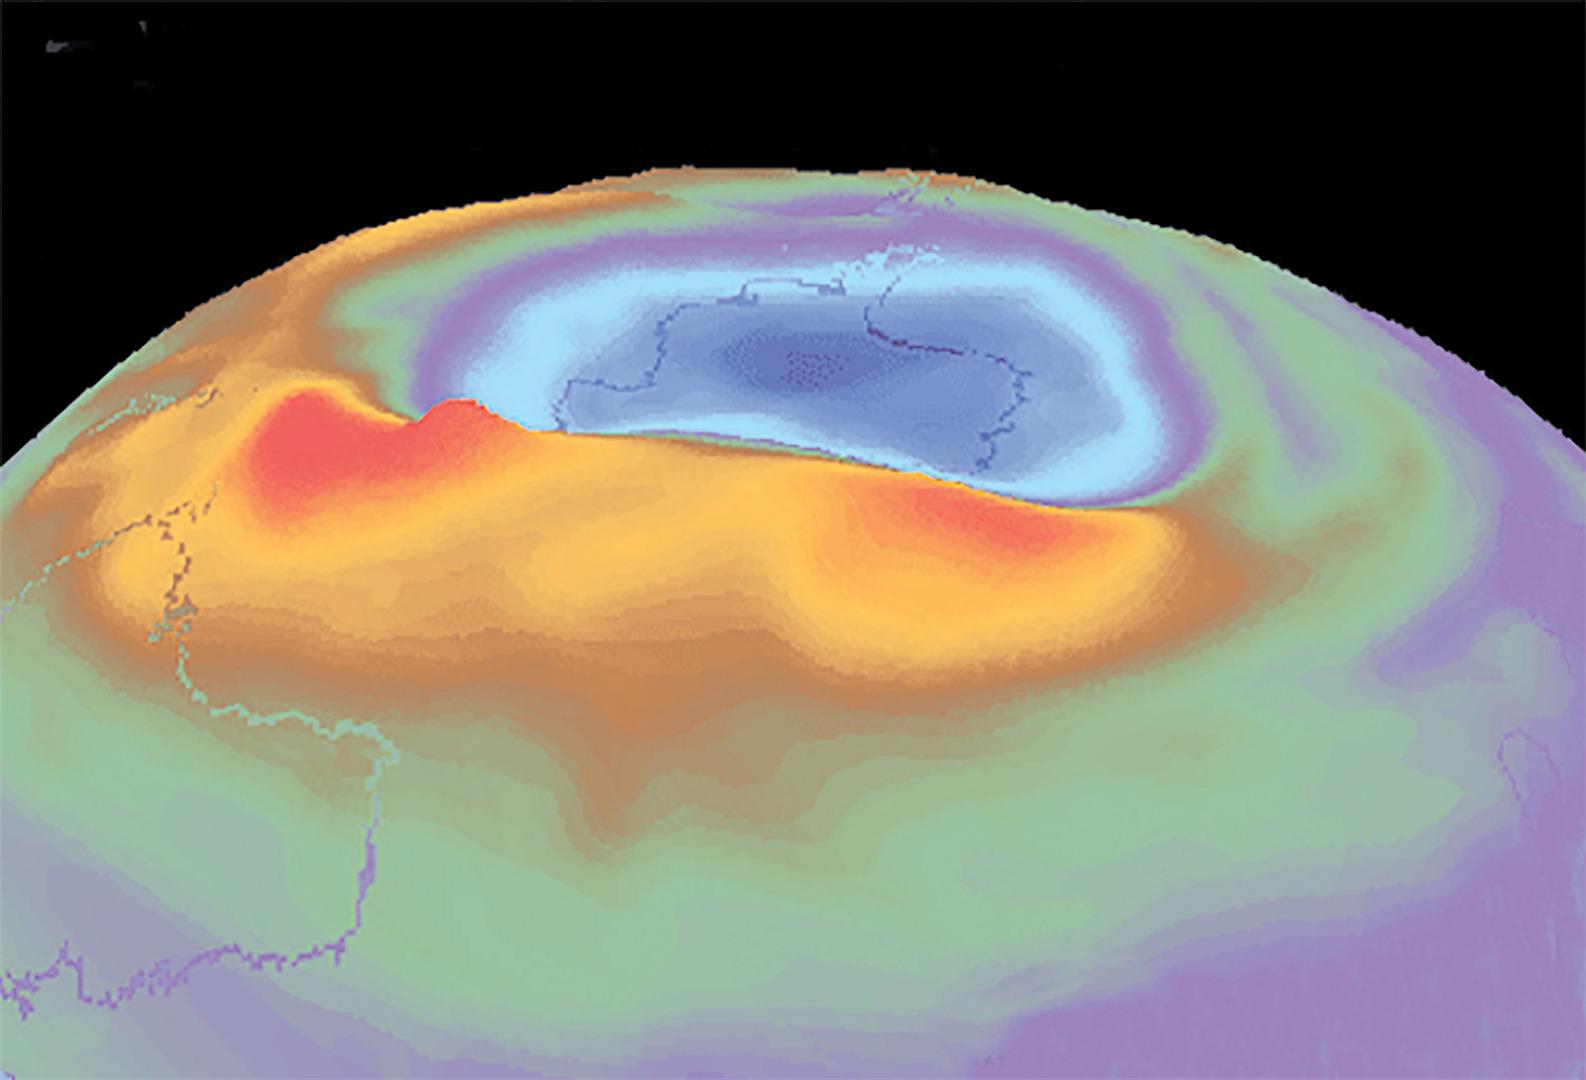 يتباين حجم ثقب الأوزون الذي يظهر فوق القارة القطبية الجنوبية